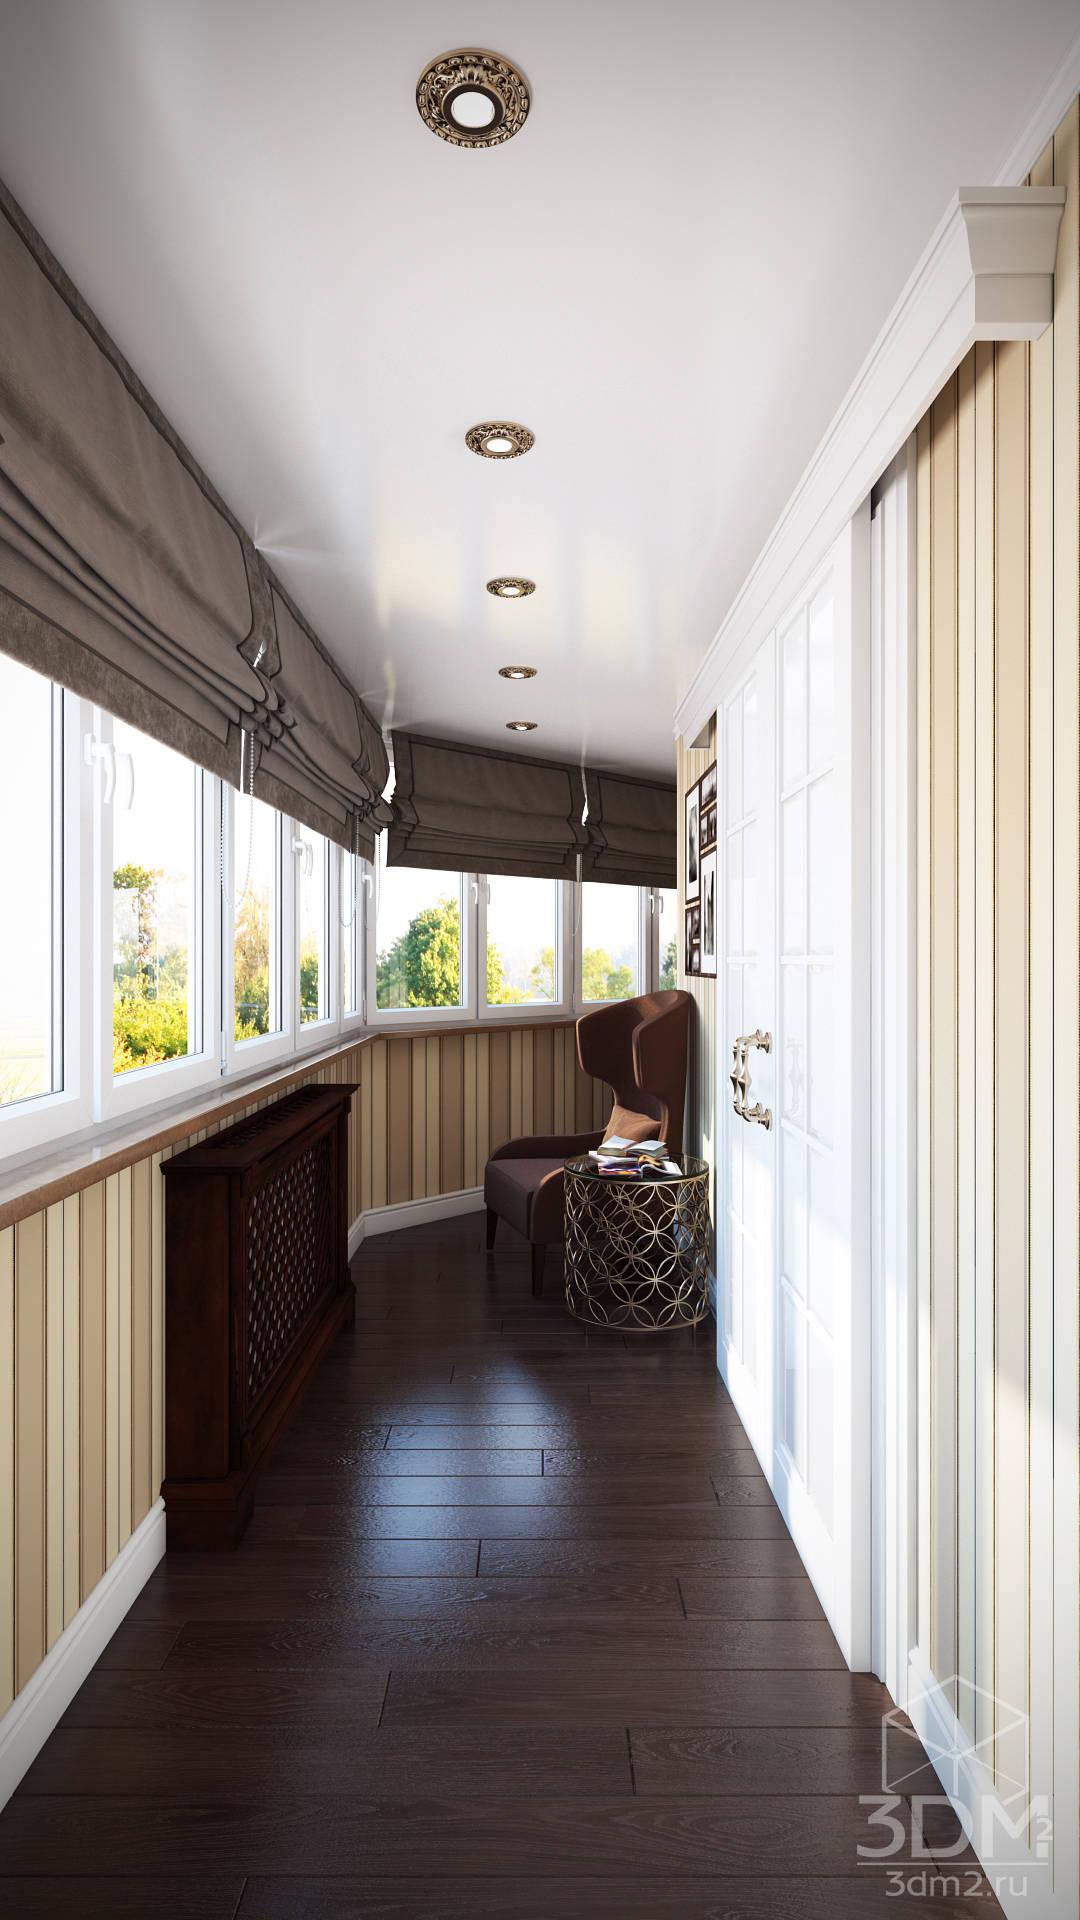 Проект 013: лоджии + ванная de студия визуализации и дизайна.